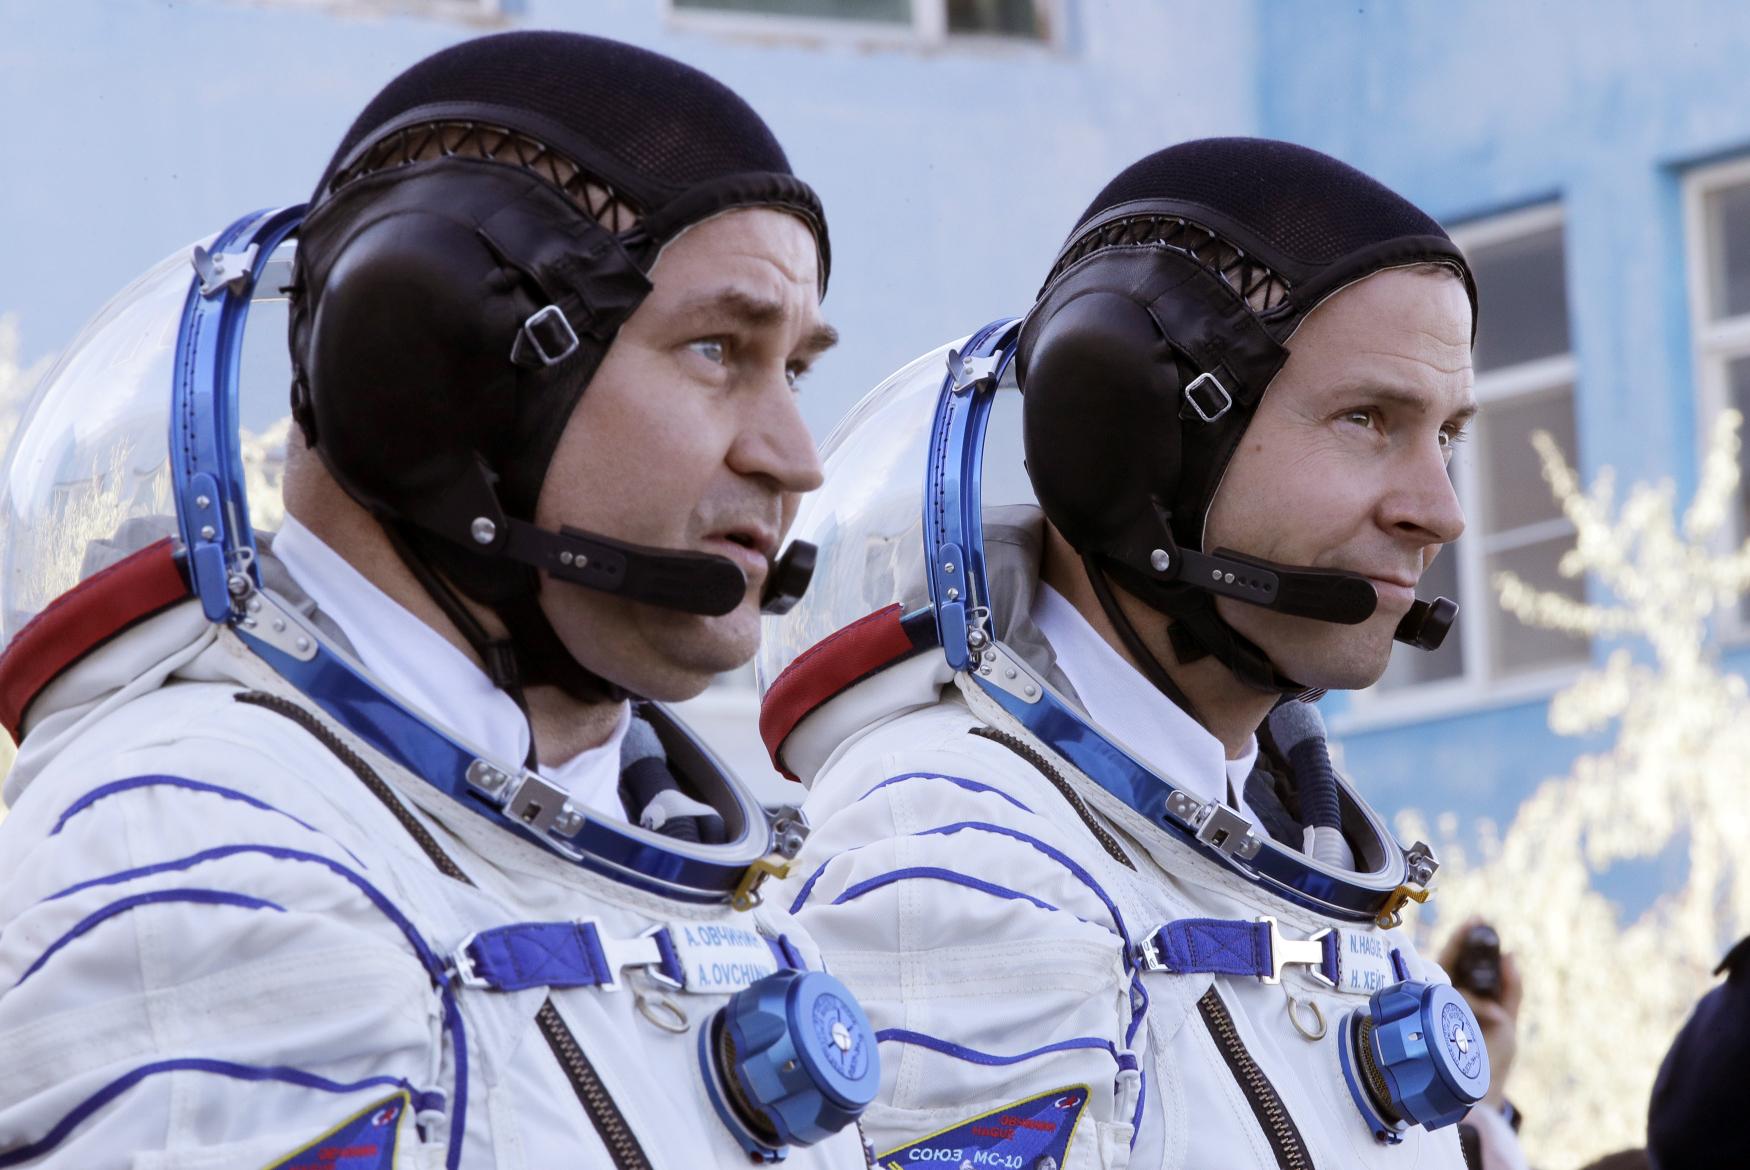 Zleva Alexej Ovčinin a Nick Hague, posádka lodě Sojuz MS-10 před startem